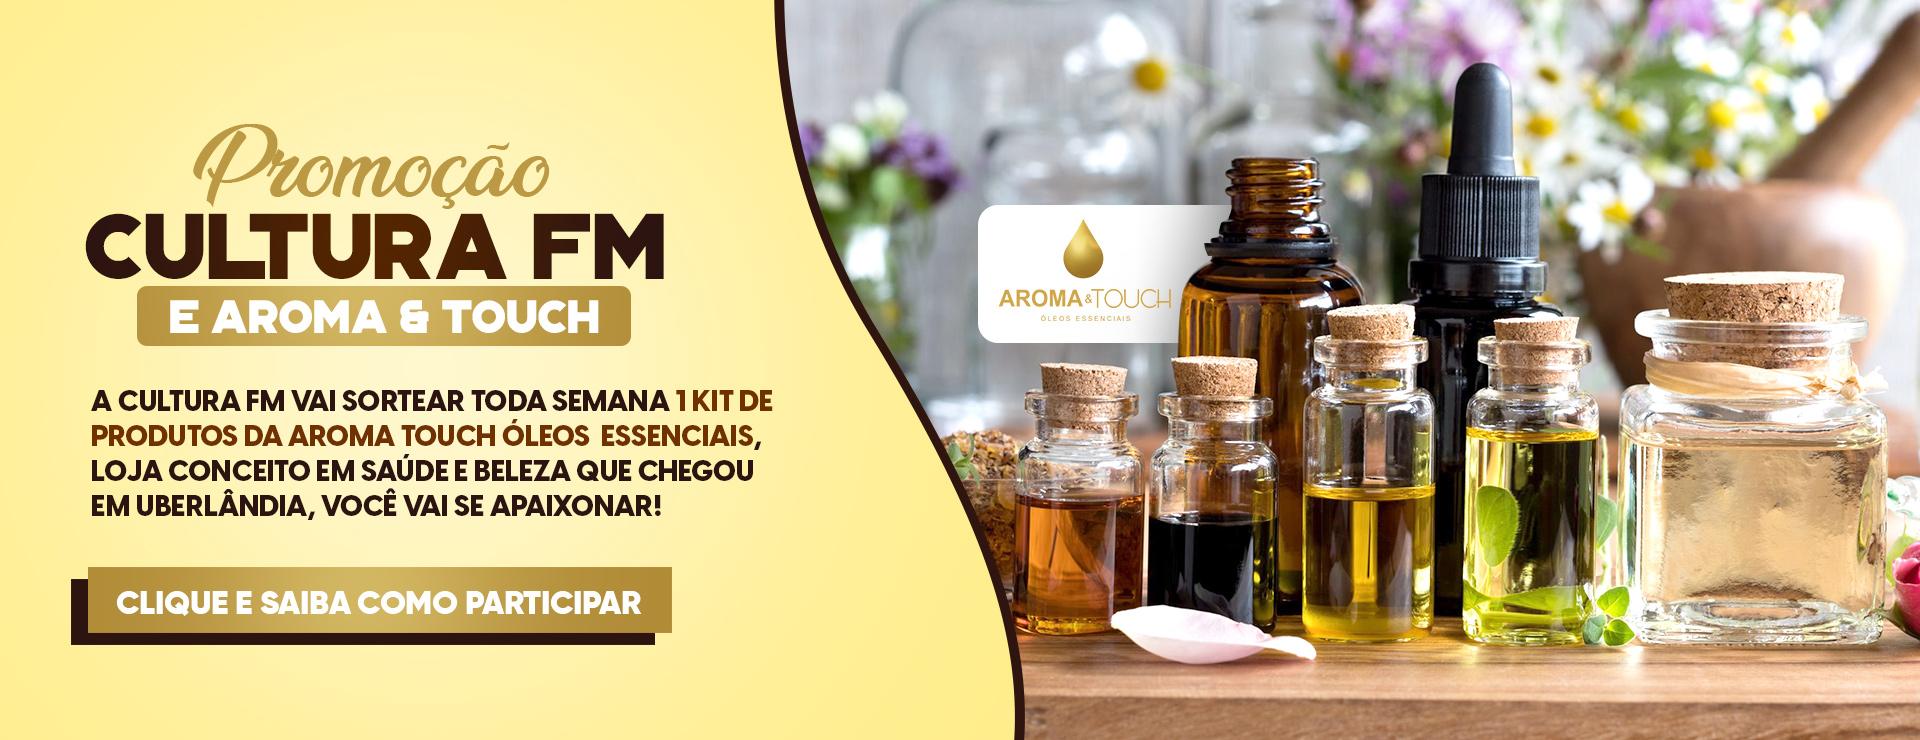 Promoção Cultura FM e Aroma e Touch Óleos Essencais.